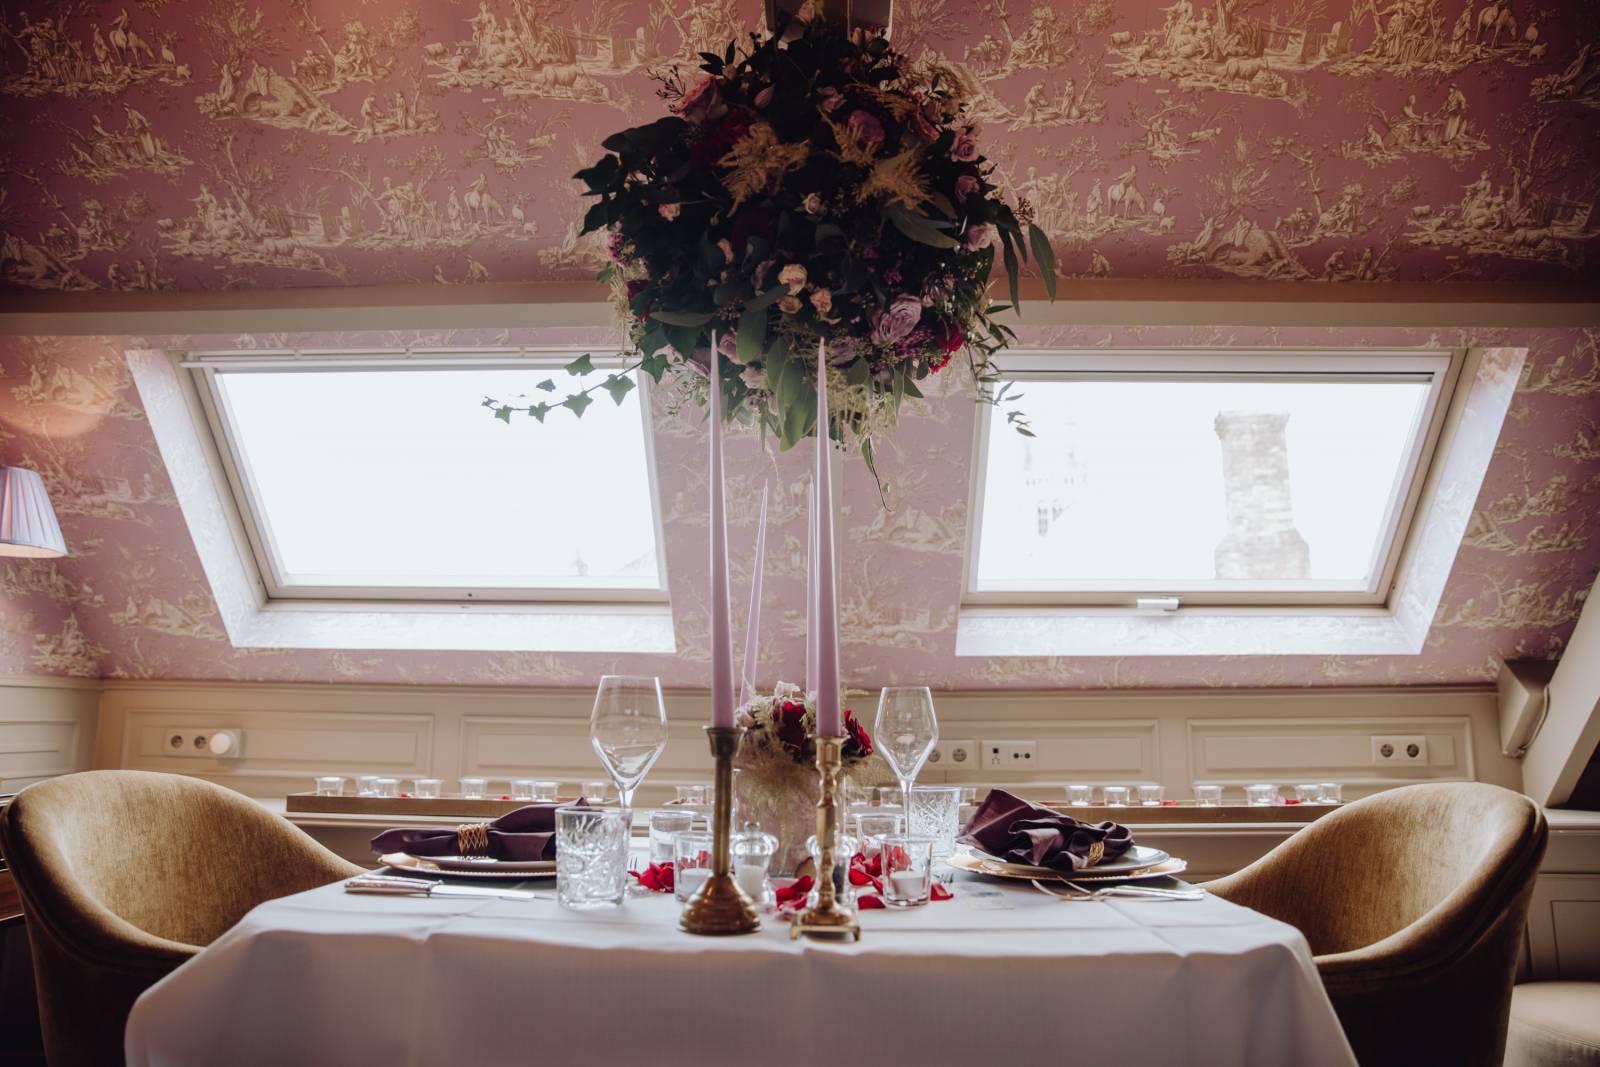 Elegant Events - Weddingplanner - Fotograaf LUX visual story tellers - House of Weddings (4)